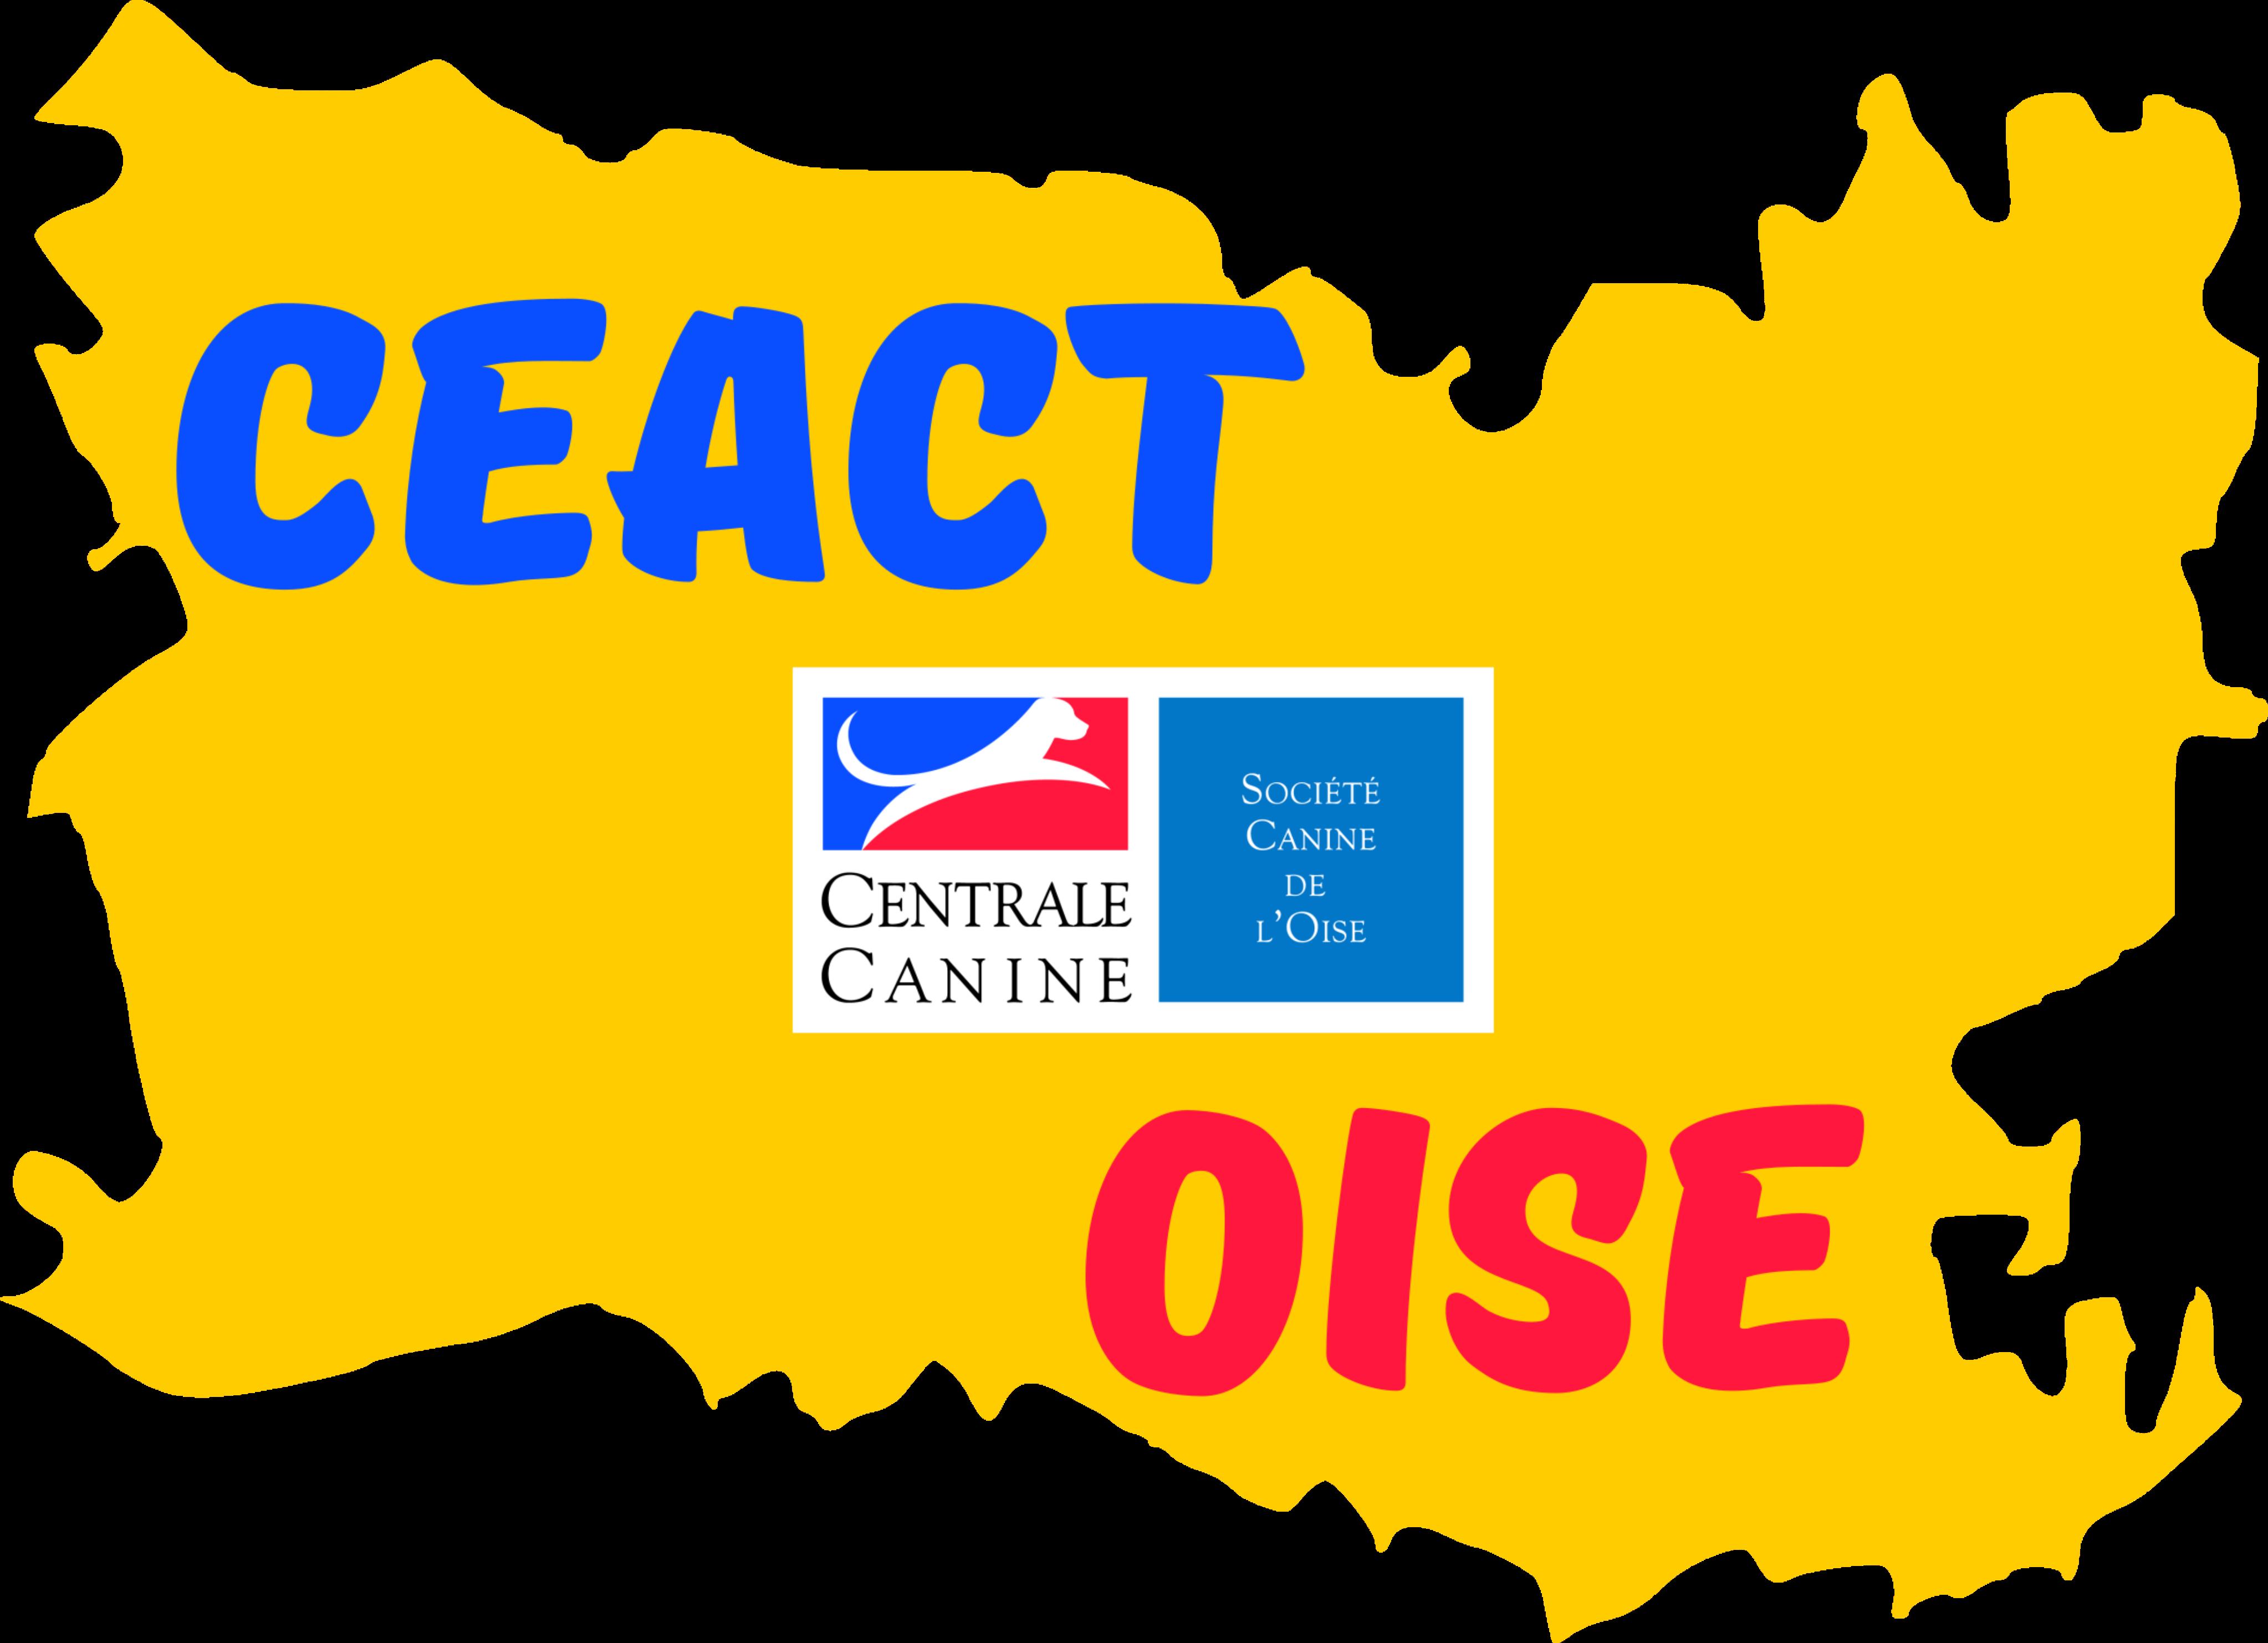 ceactoise.fr